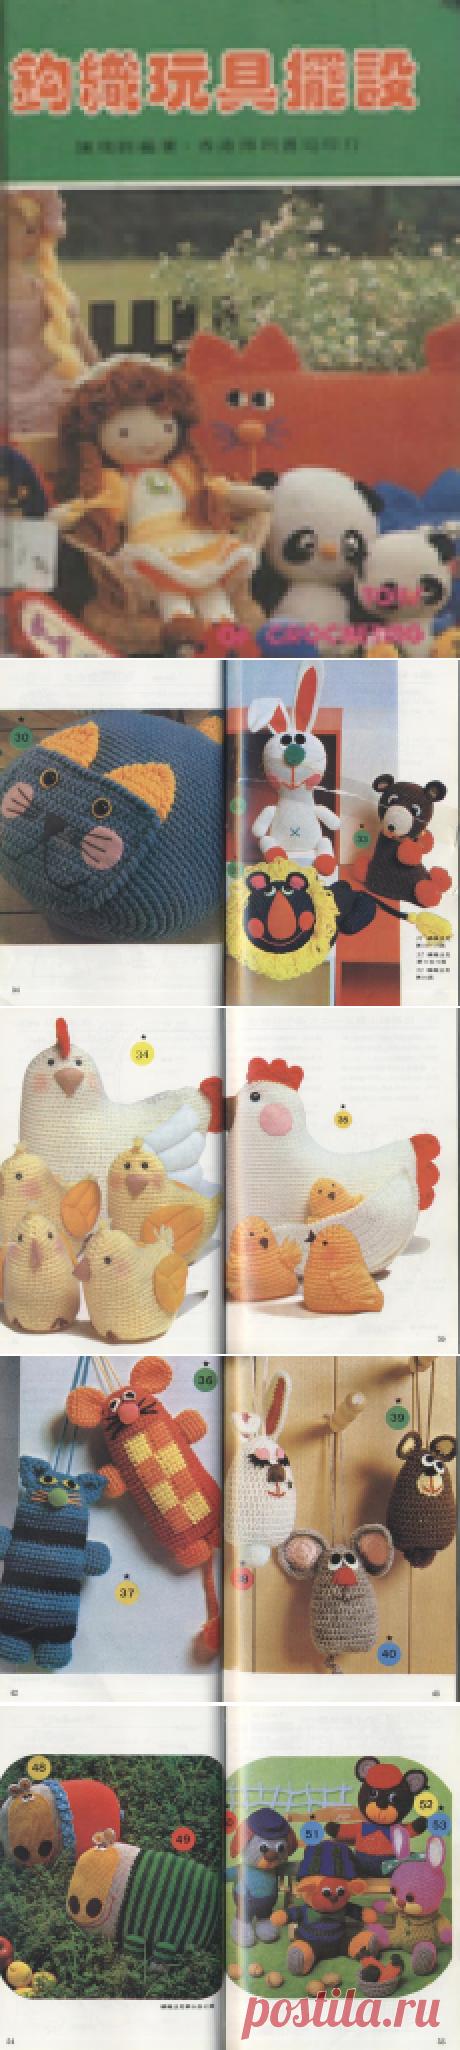 Toys of Crochet